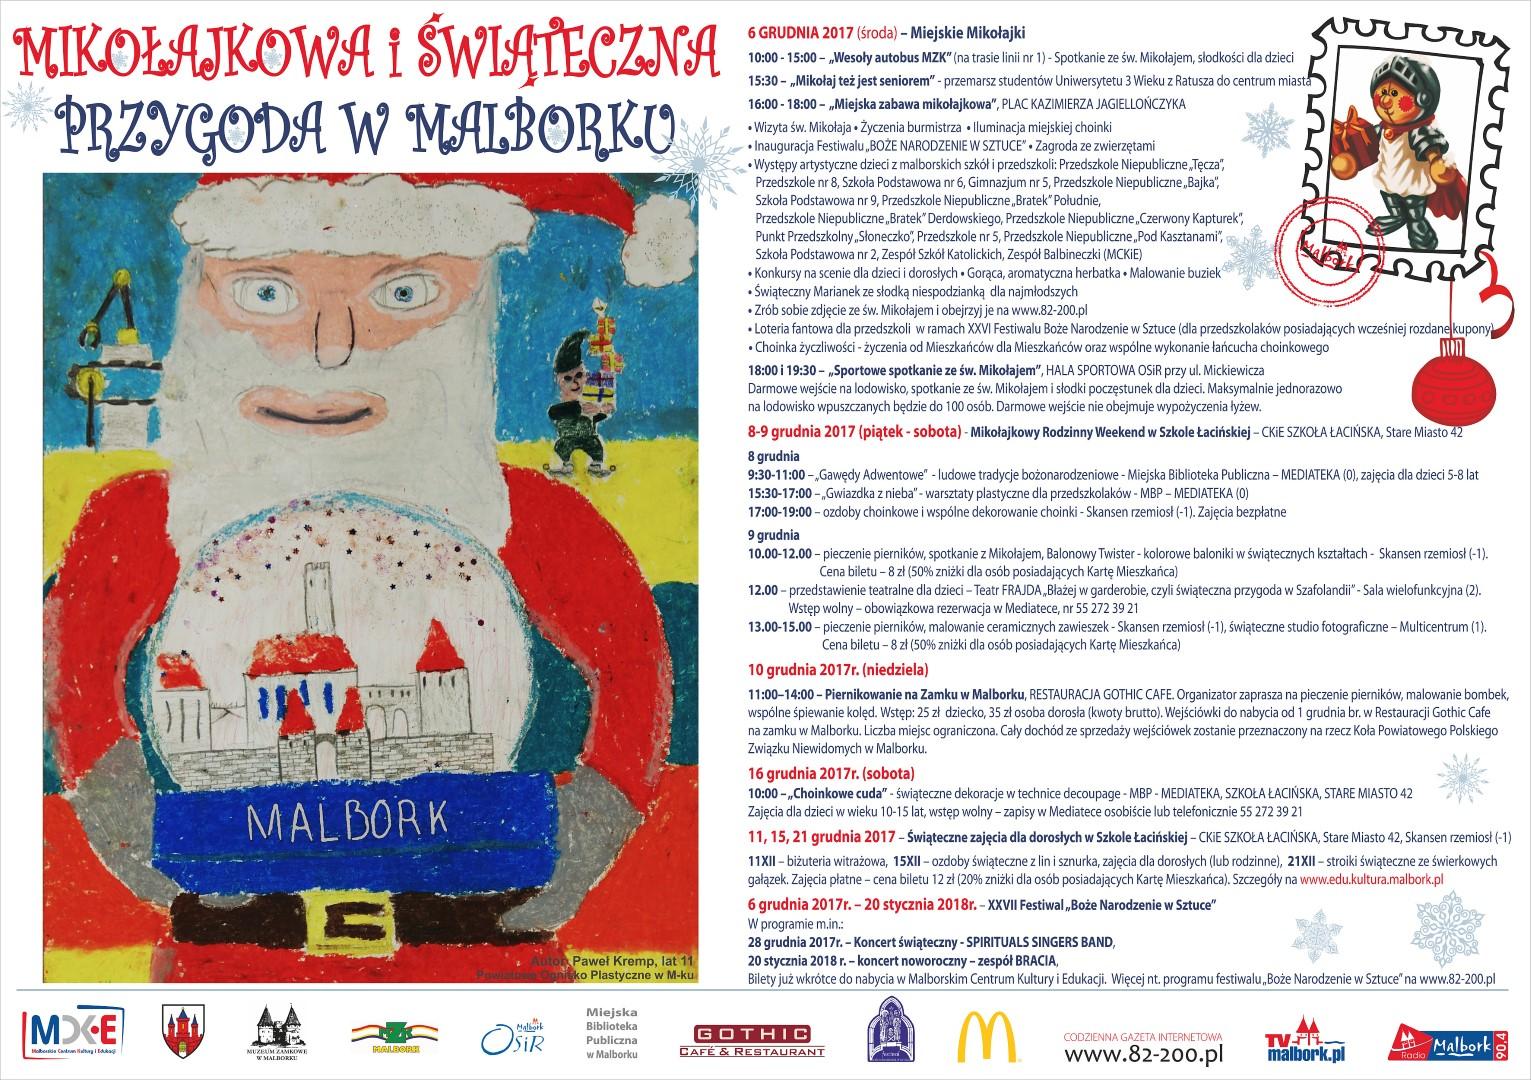 http://m.82-200.pl/2017/11/orig/plakat-mikolajki-a2-2066.jpg